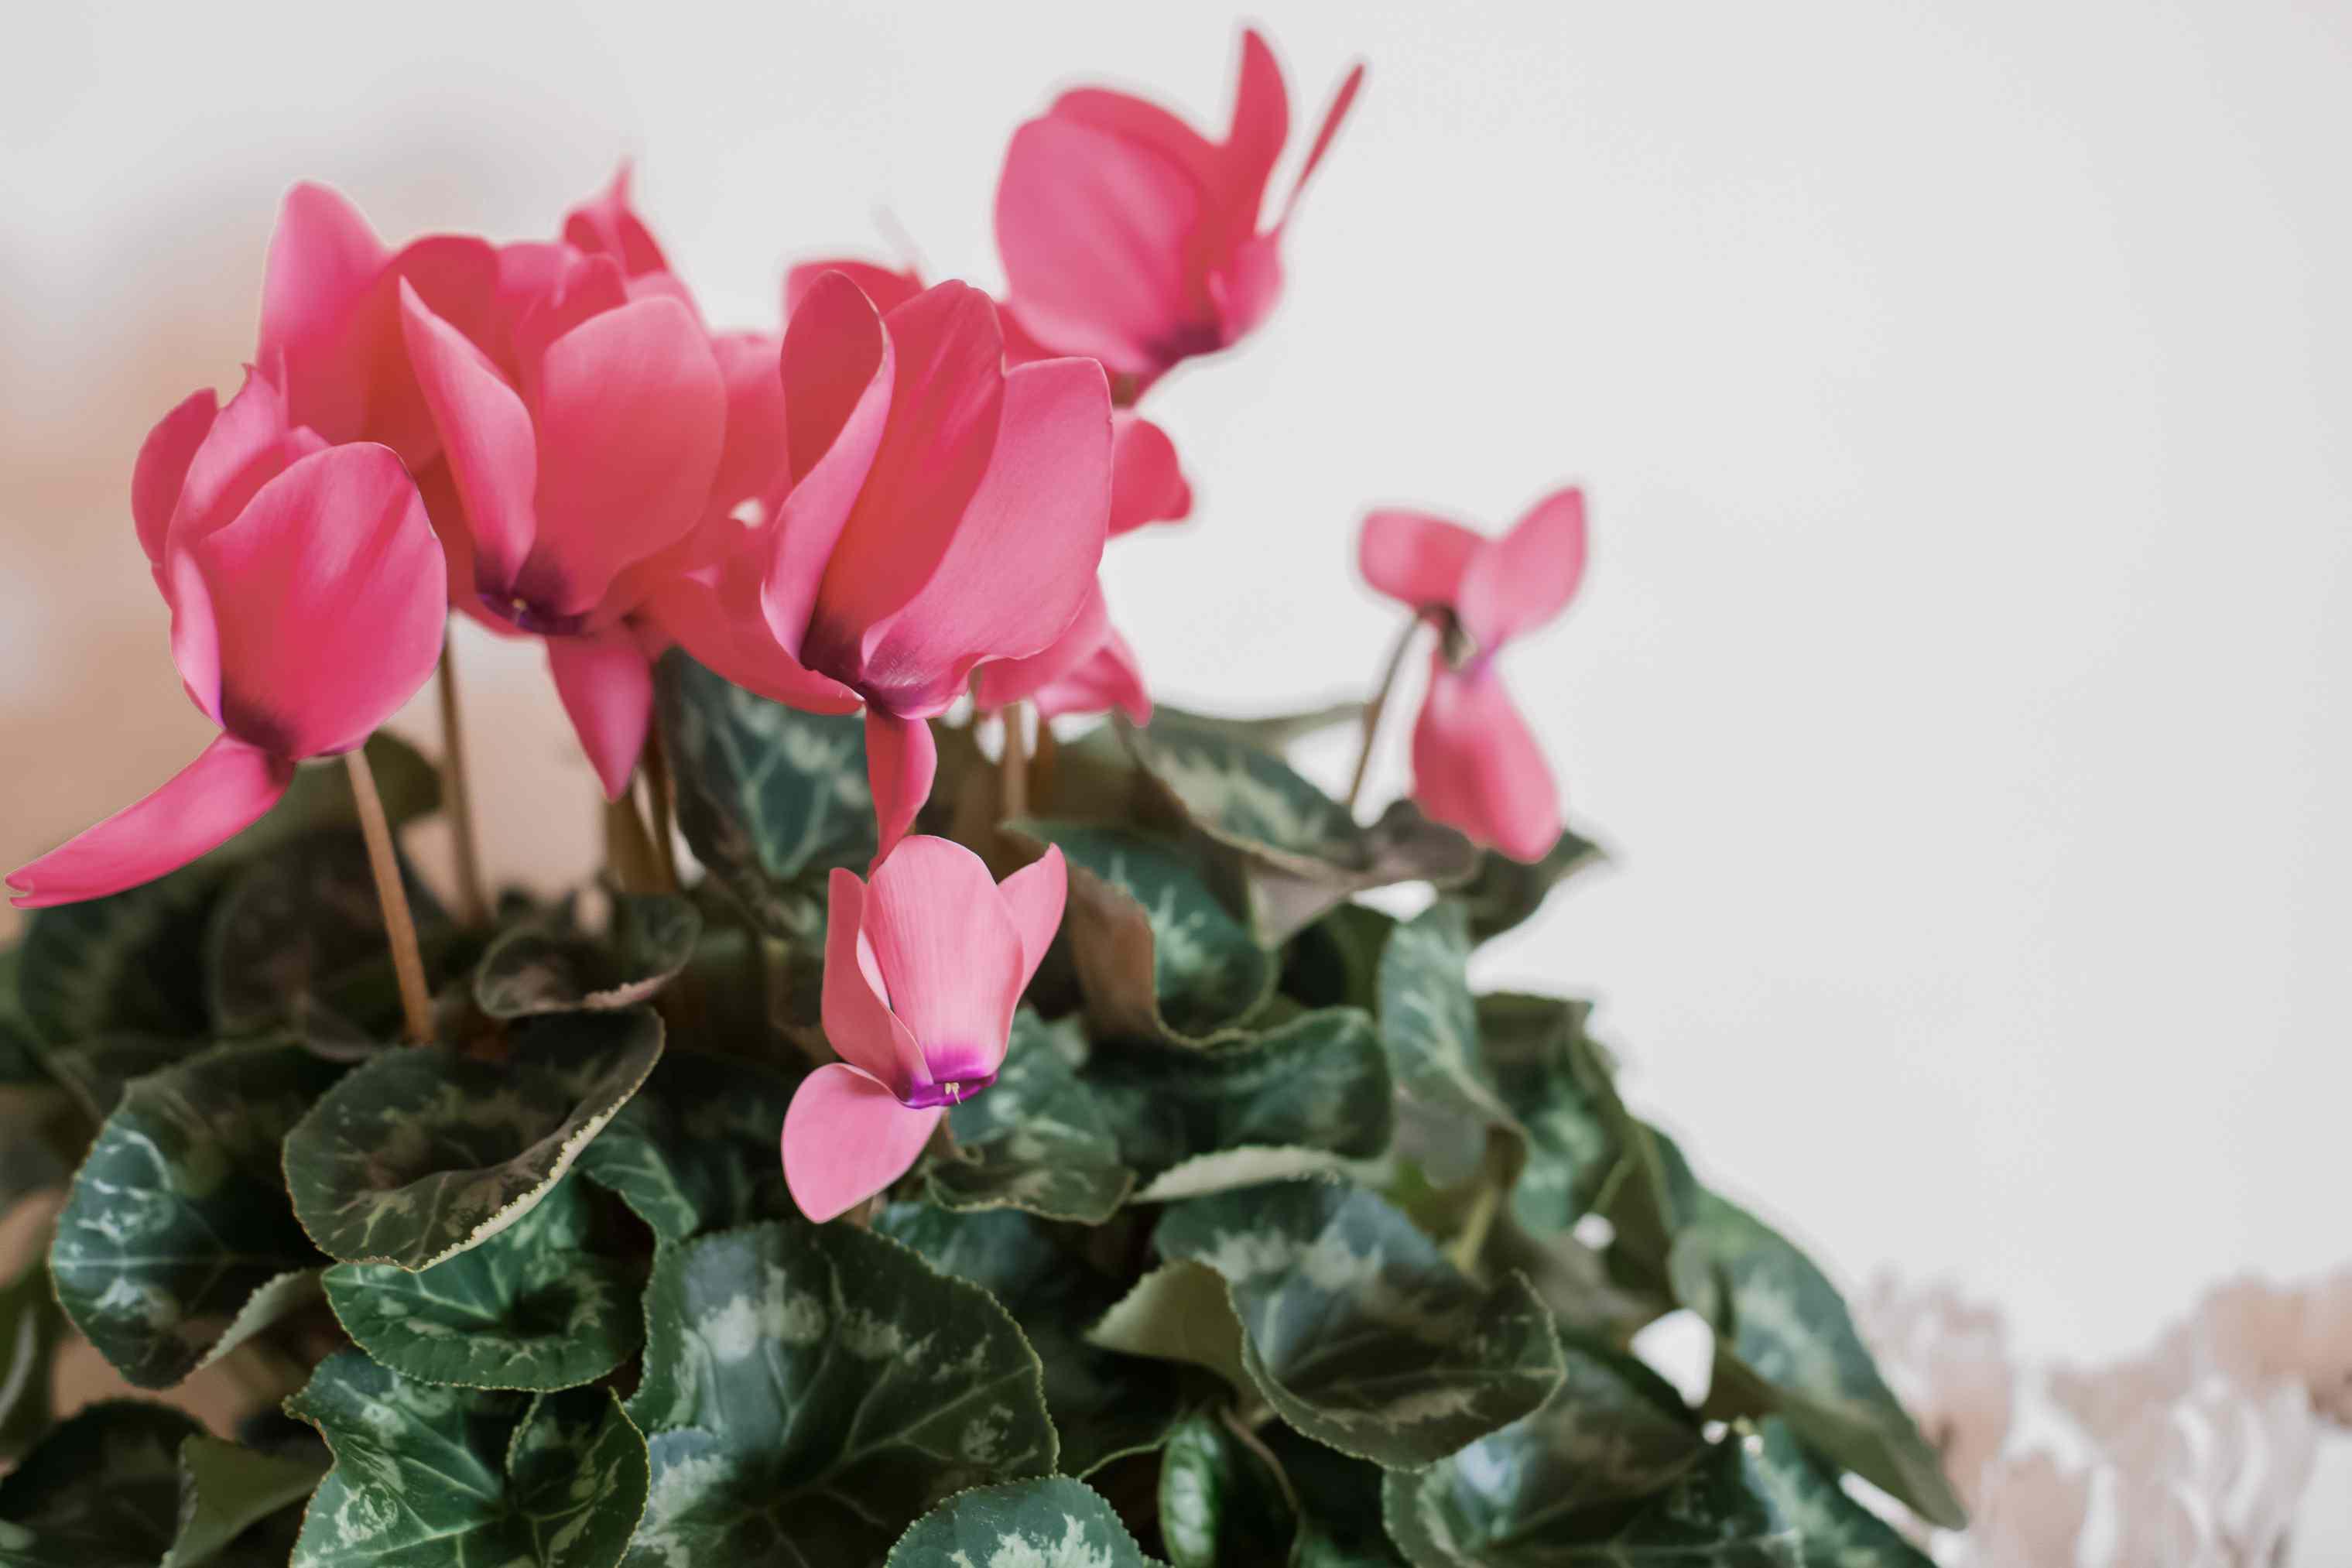 closeup of cyclamen petals